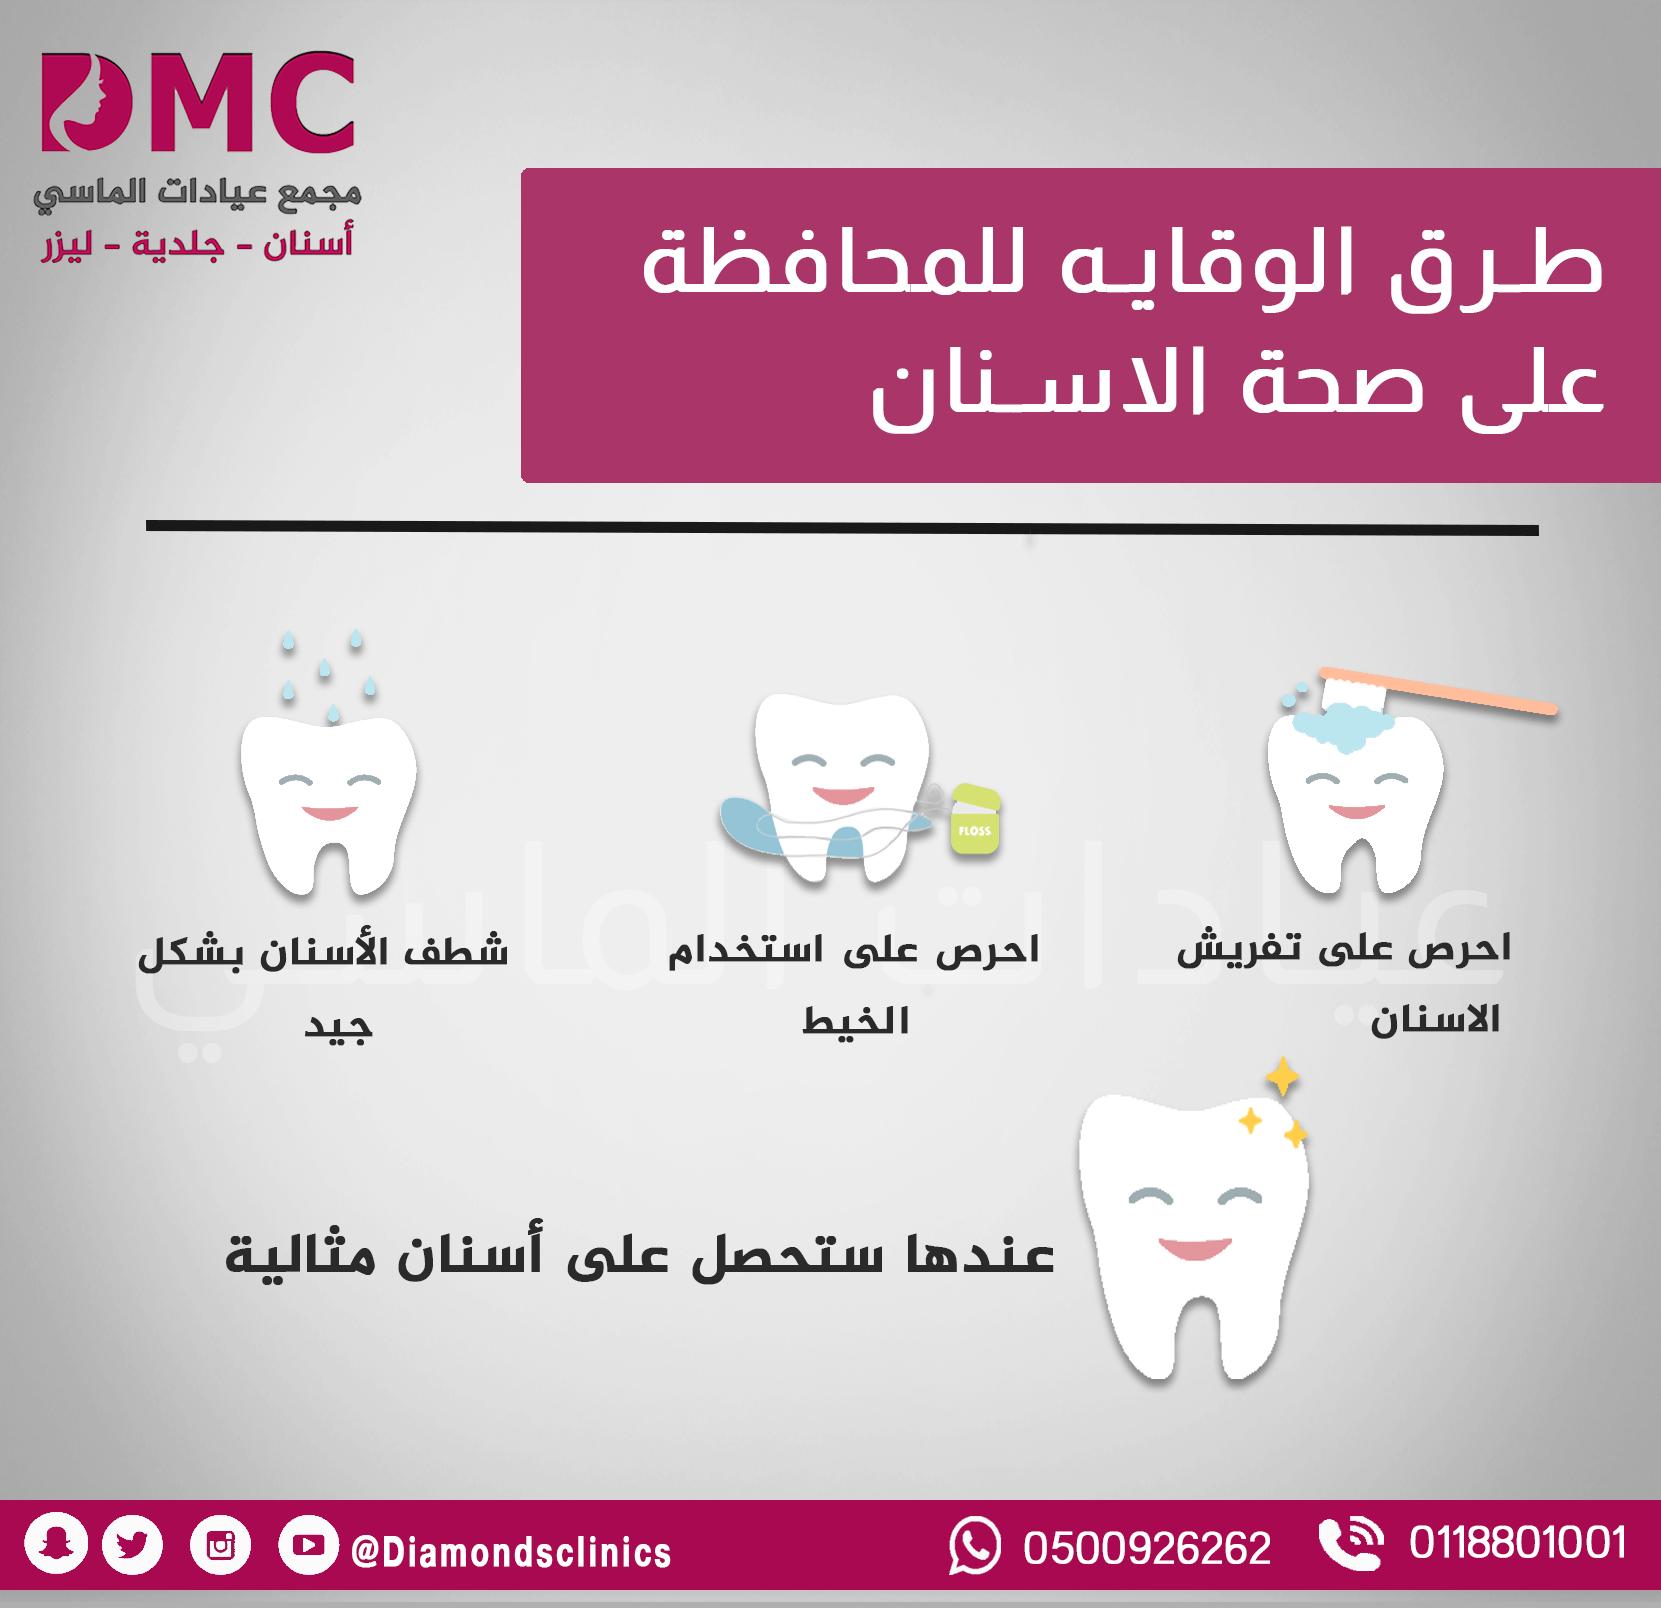 طرق الوقاية للمحافظة على صحة الاسنان مجمع عيادات الماسي أسنان جلدية ليزر تجميل الرياض Omc Health Bills